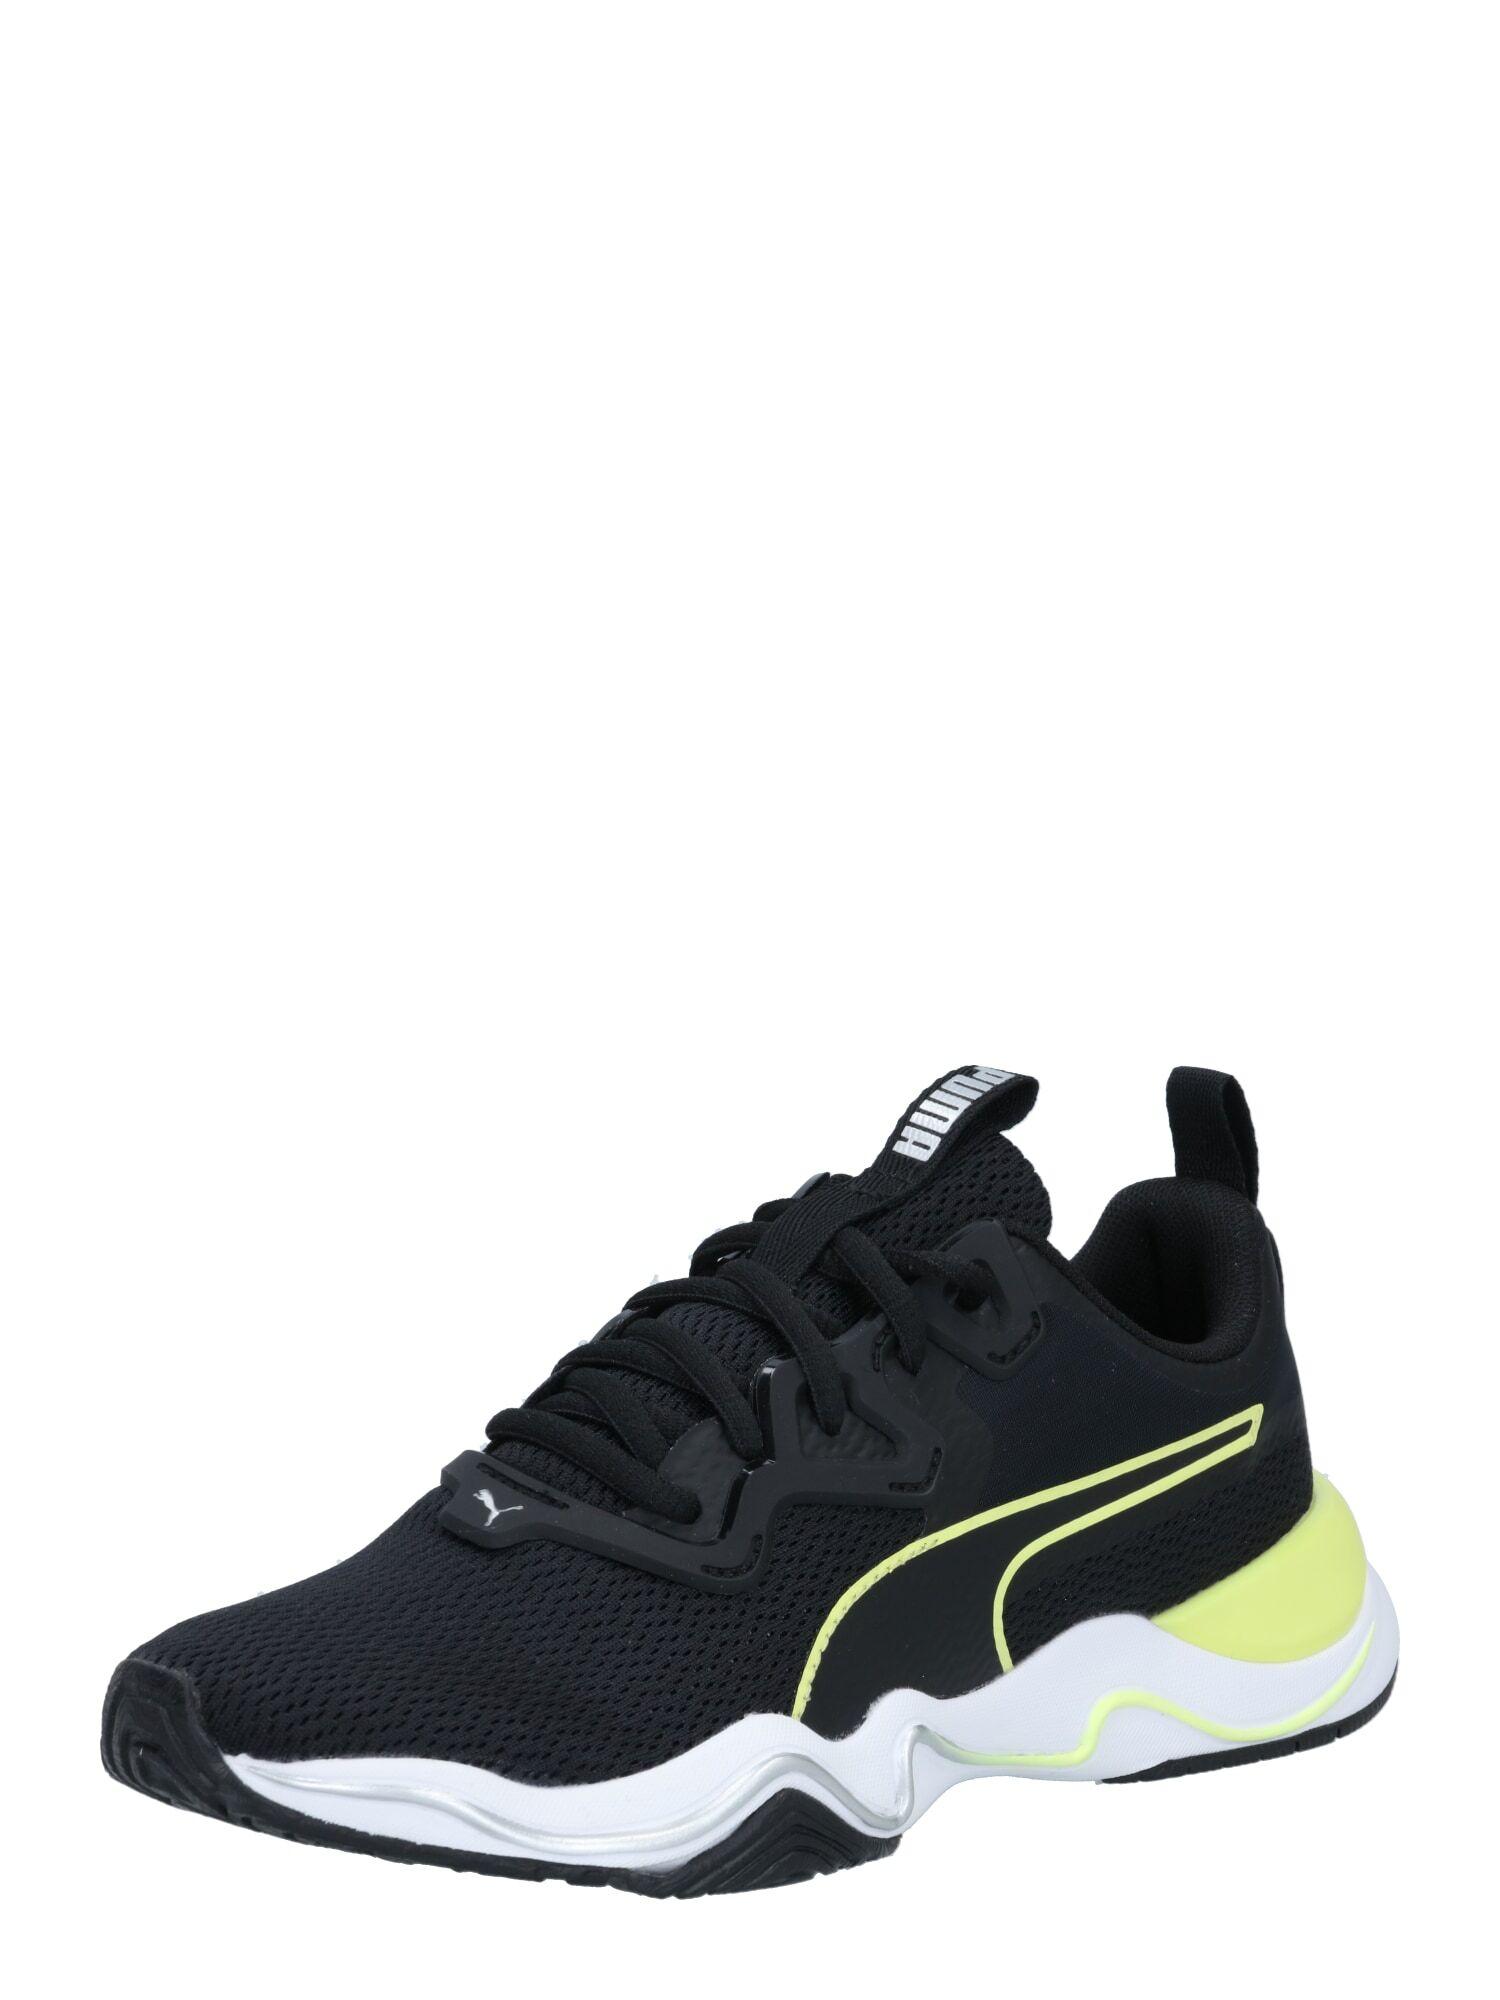 PUMA Chaussure de sport ' 'Zone XT'  - Noir - Taille: 3.5 - female